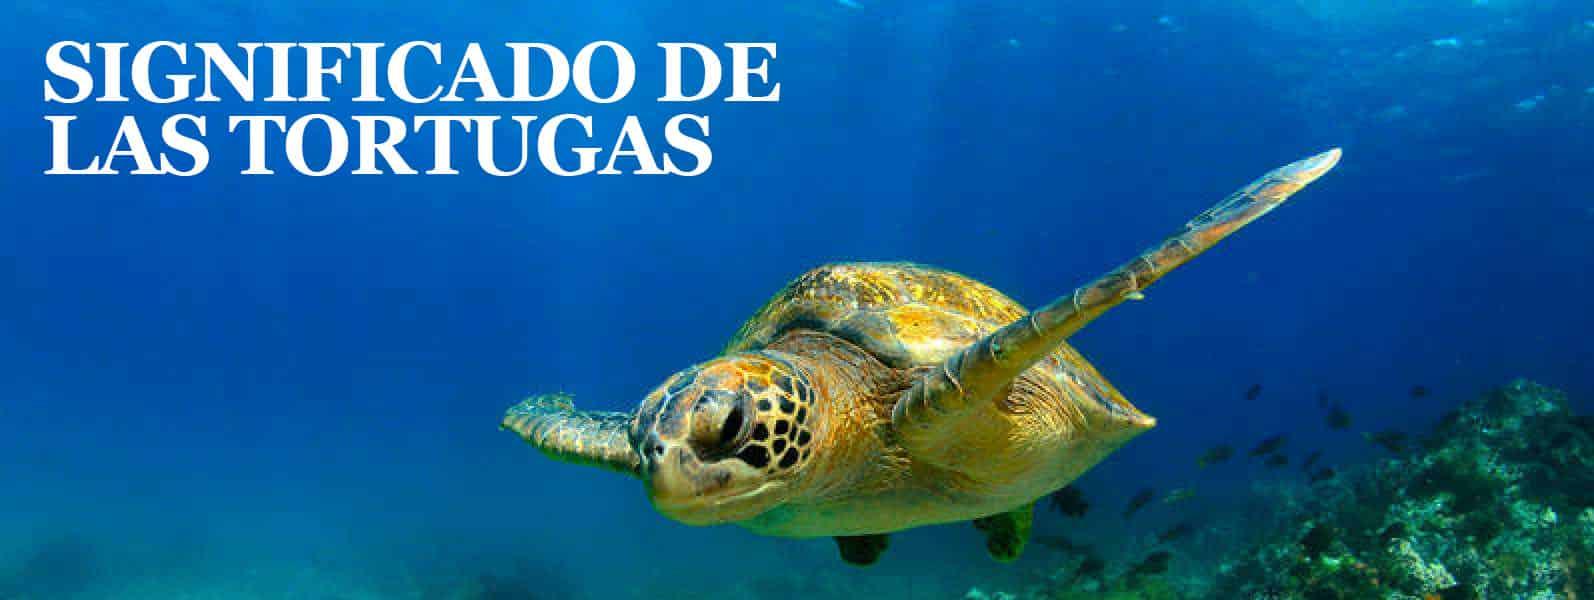 Significado de las tortugas